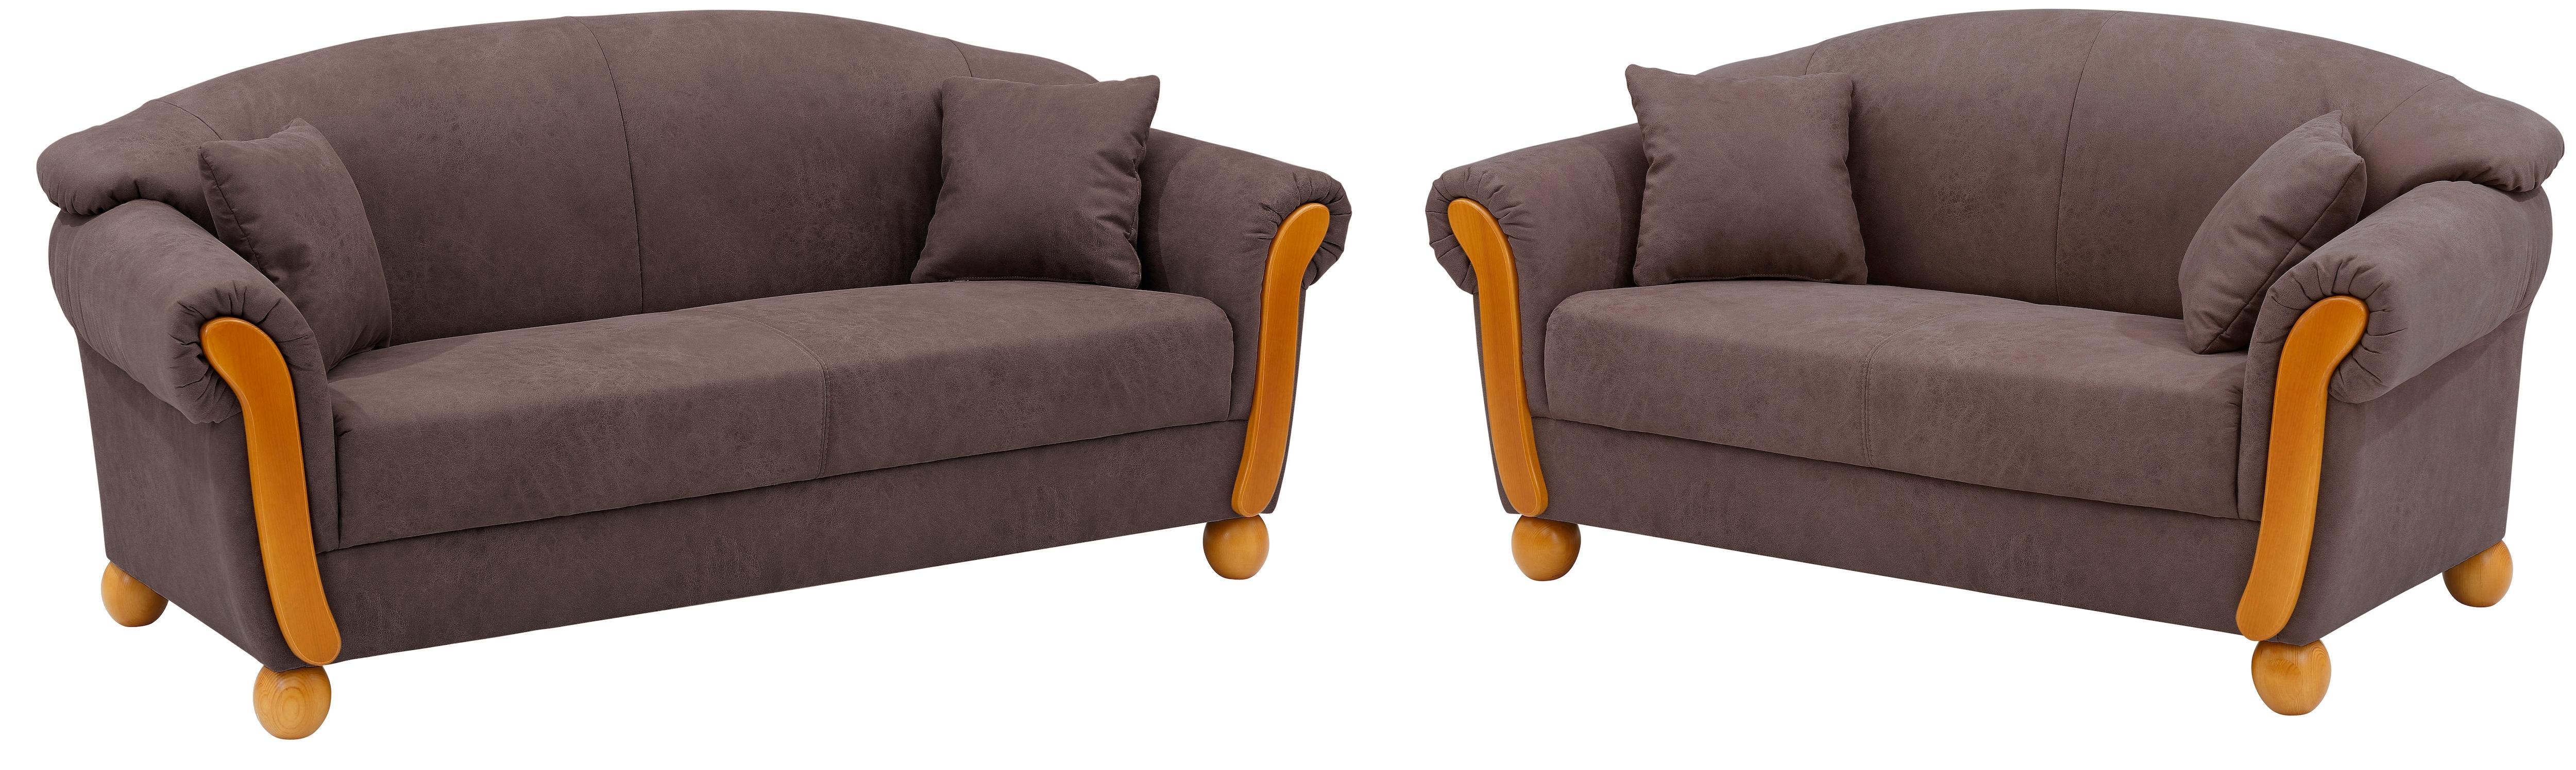 Home affaire 3-Sitzer Milano (Set 2 Teile Set bestehend aus 2-Sitzer und 3-Sitzer)